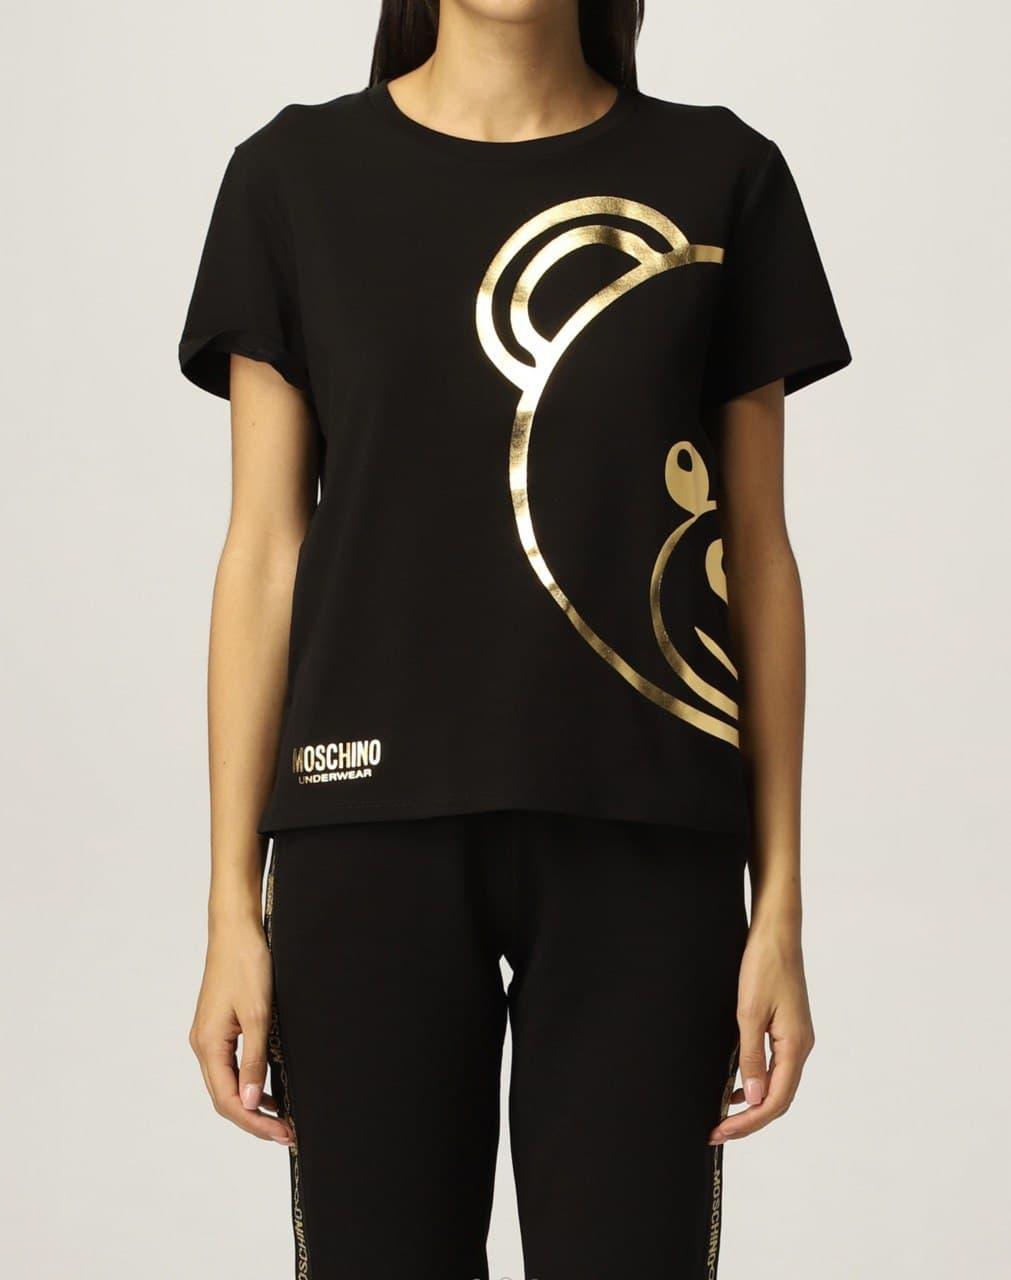 MOSCHINO UNDERWEAR | T-shirt | A190390100555